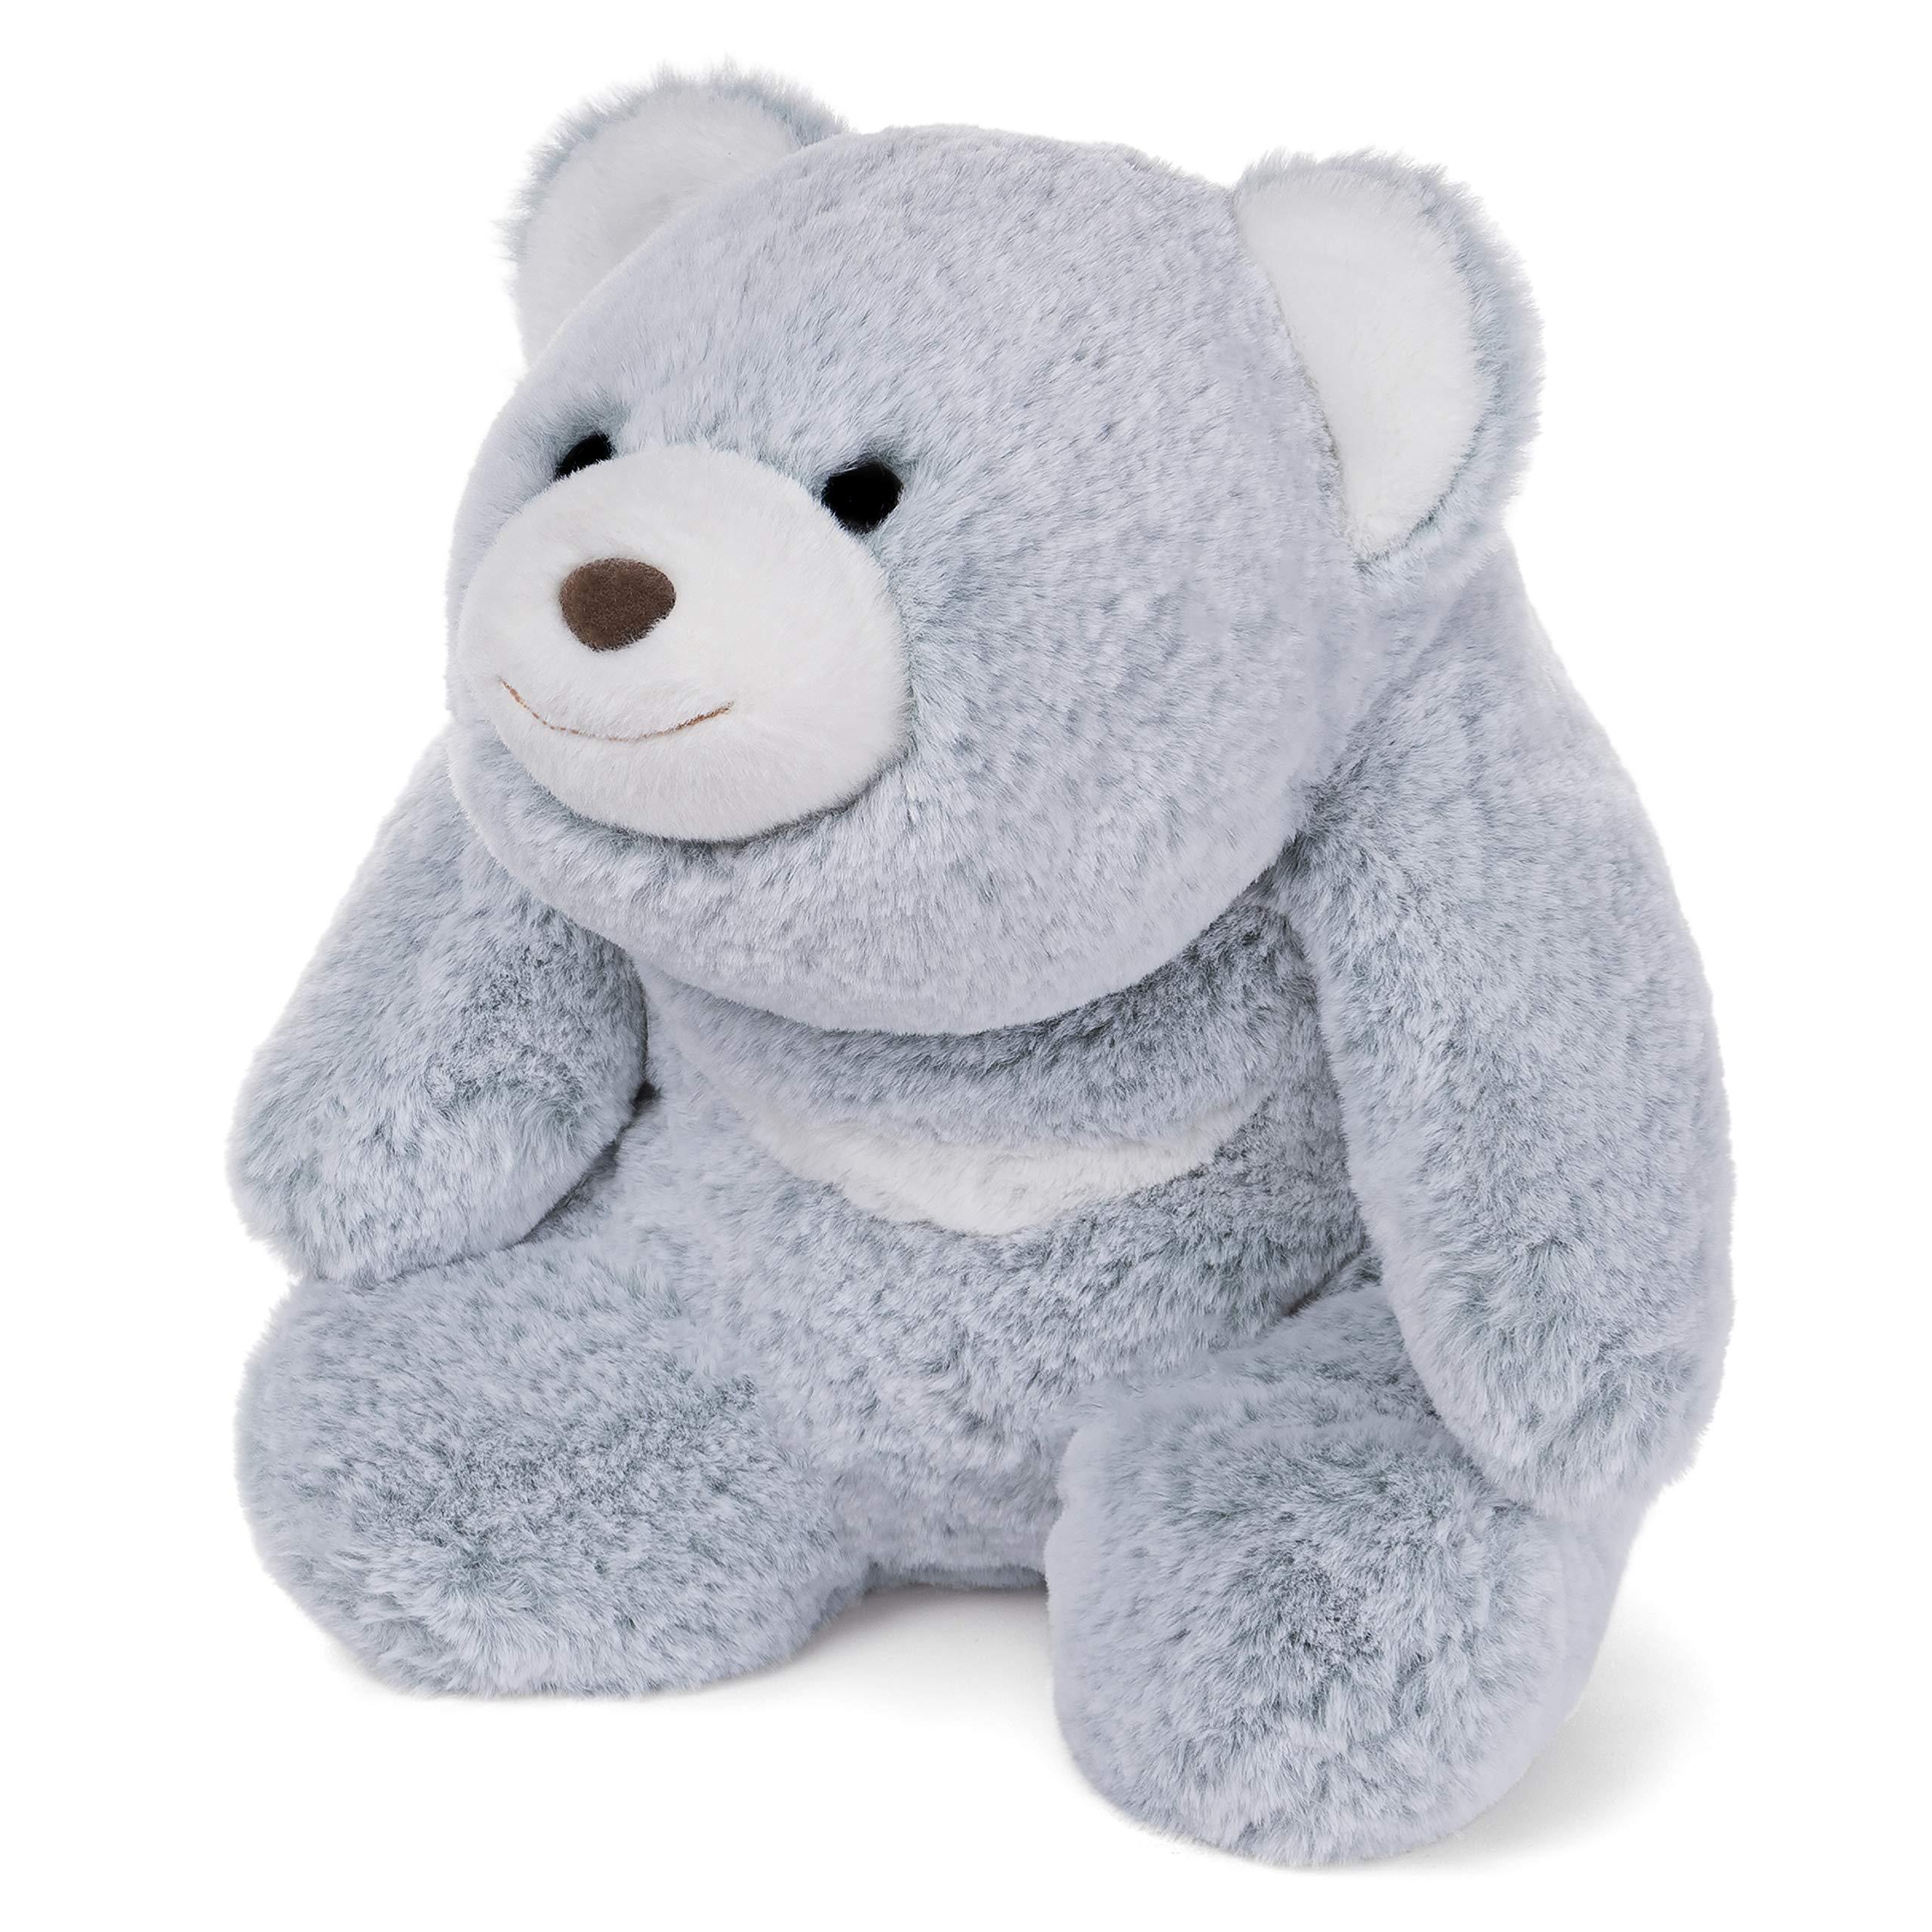 GUND Snuffles Teddy Bear Stuffed Animal Plush, Two-Tone Ice Blue, 13'' by GUND